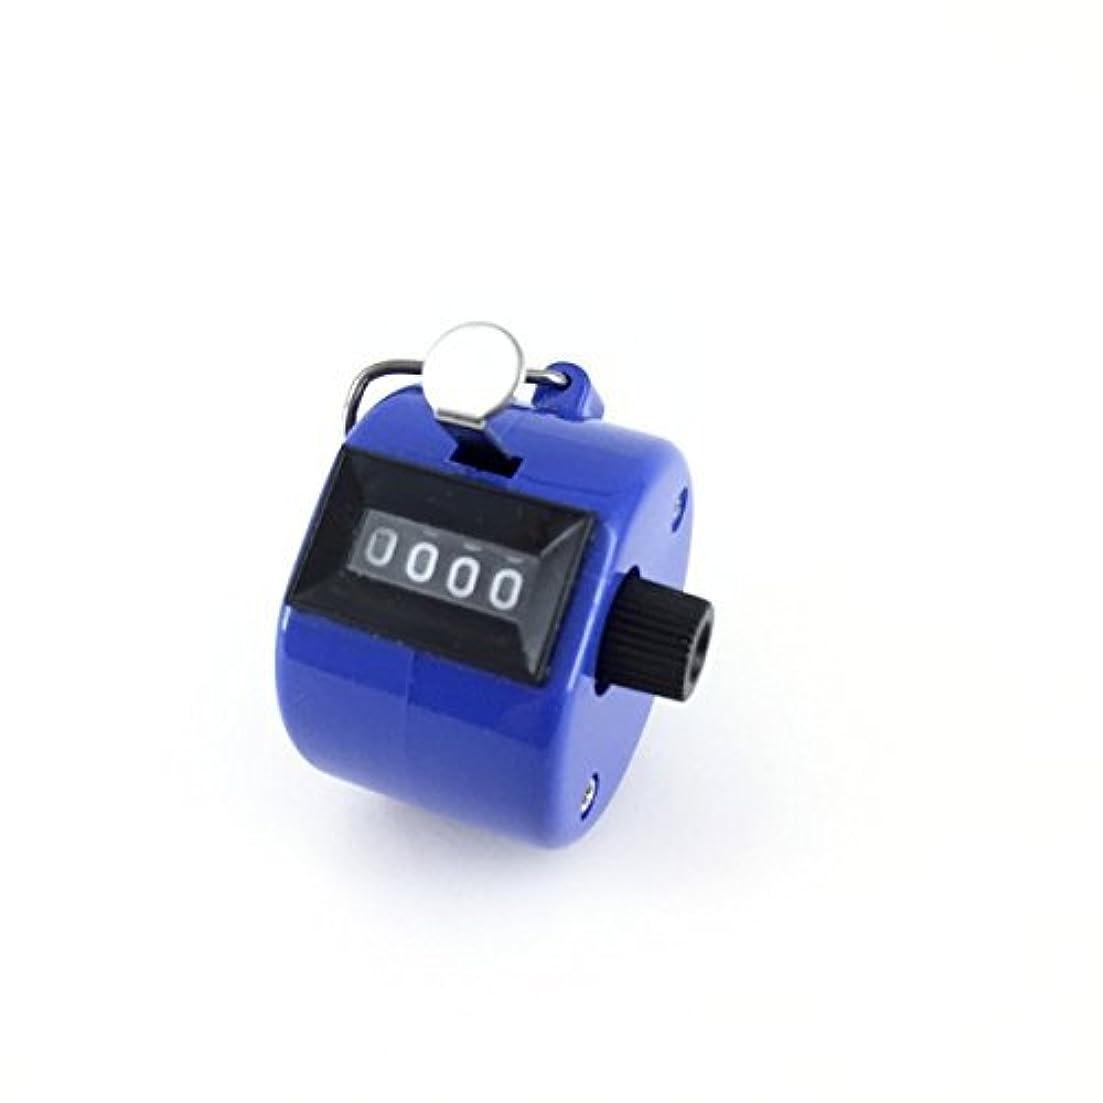 ちょうつがい種類地下エクステカウンター 手持ちホルダー付き 数取器 まつげエクステ用品 カラー4色 (ブルー)